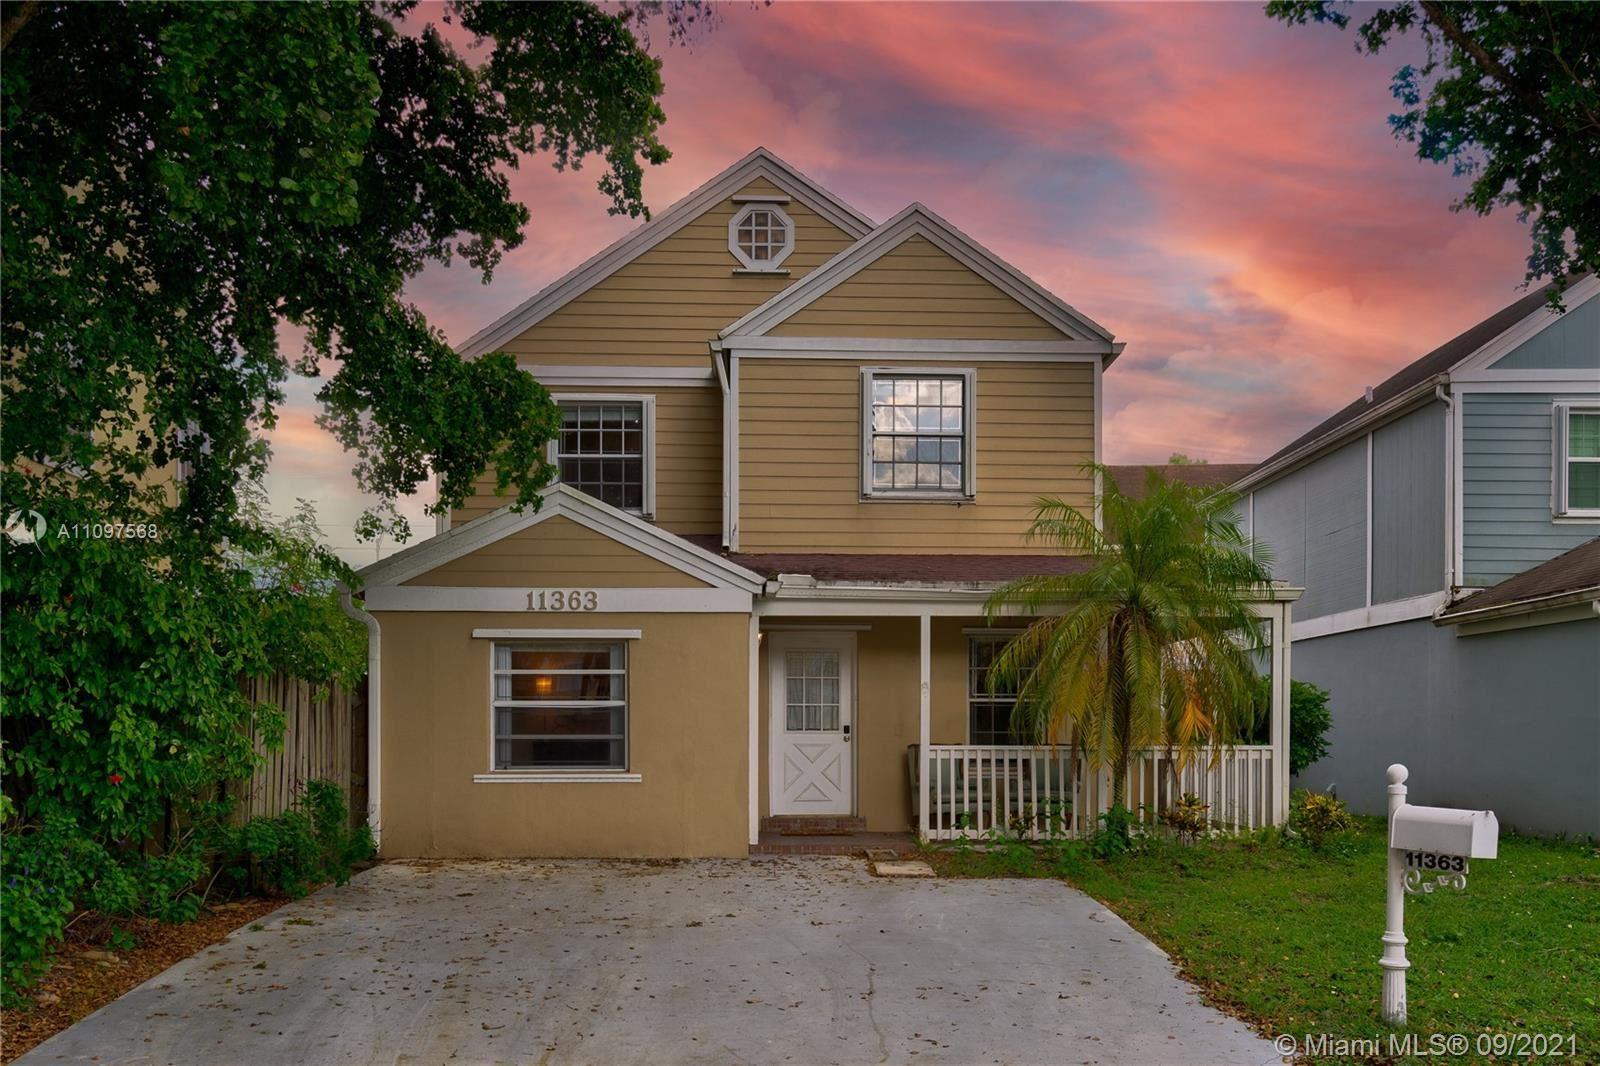 11363 SW 117th Ct, Miami, FL 33186 - #: A11097568